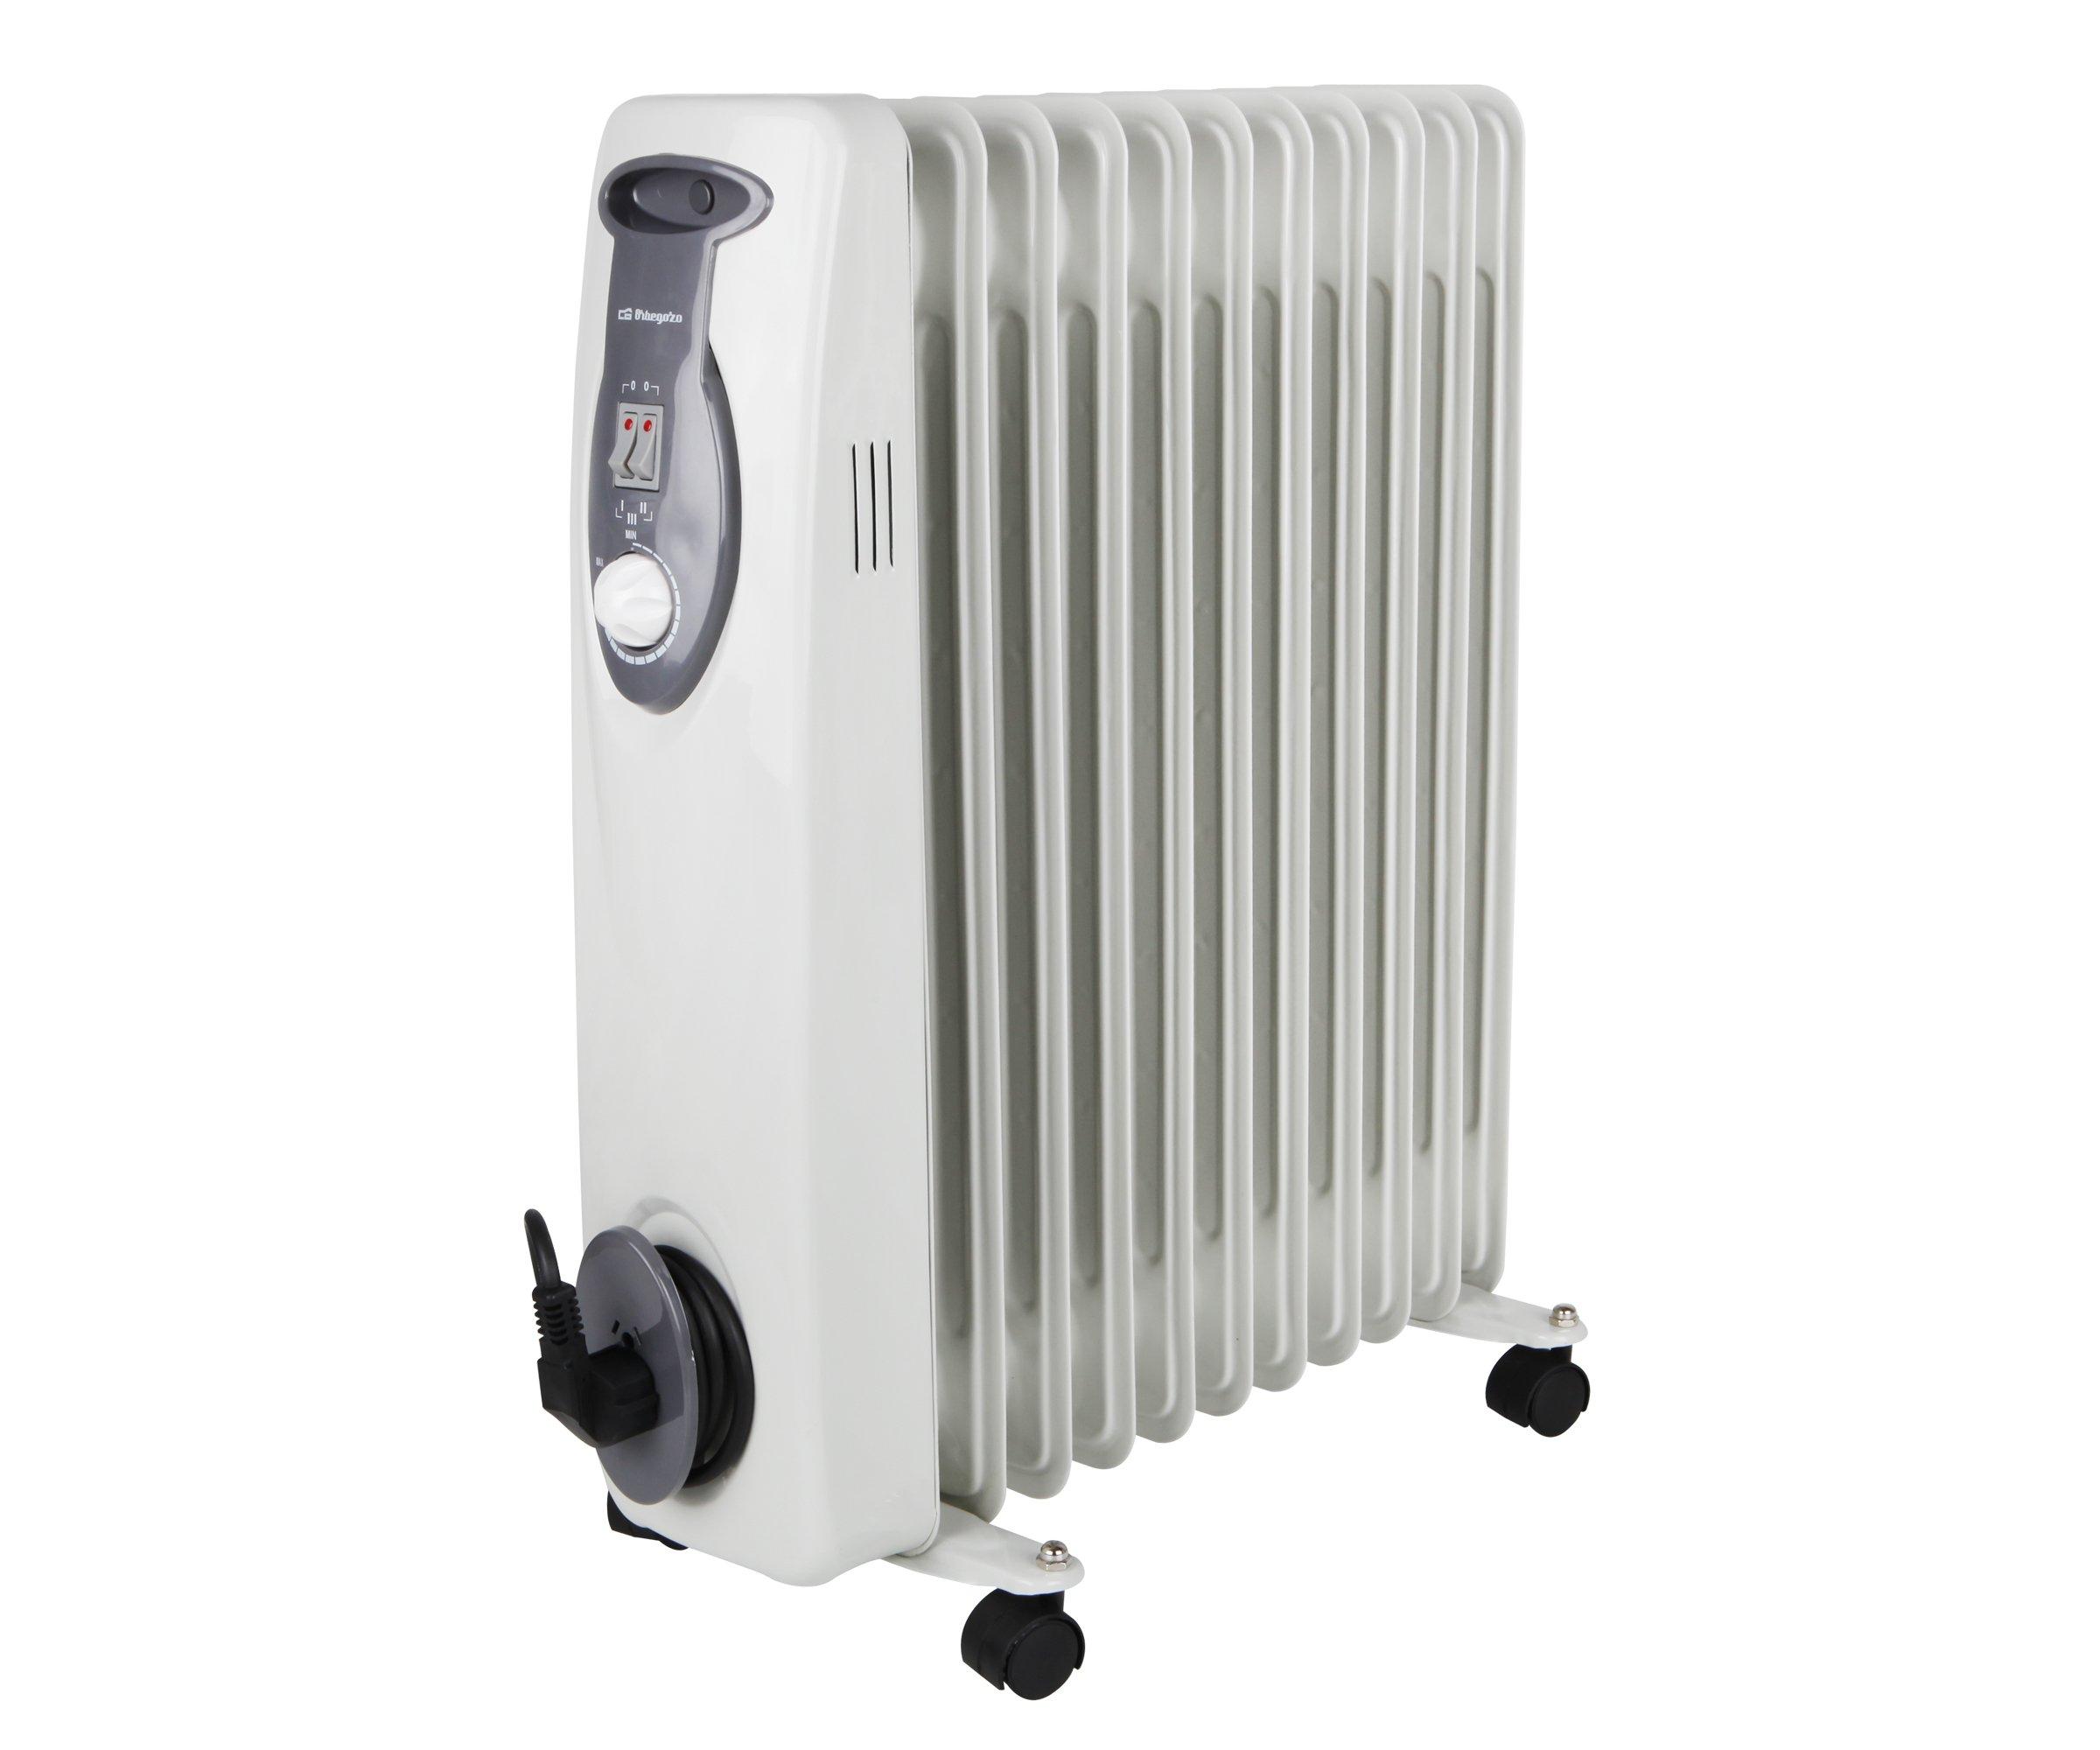 Orbegozo RA2500 - Radiador de aceite, 2500 W, 11 elementos, termostato, color blanco: Amazon.es: Hogar